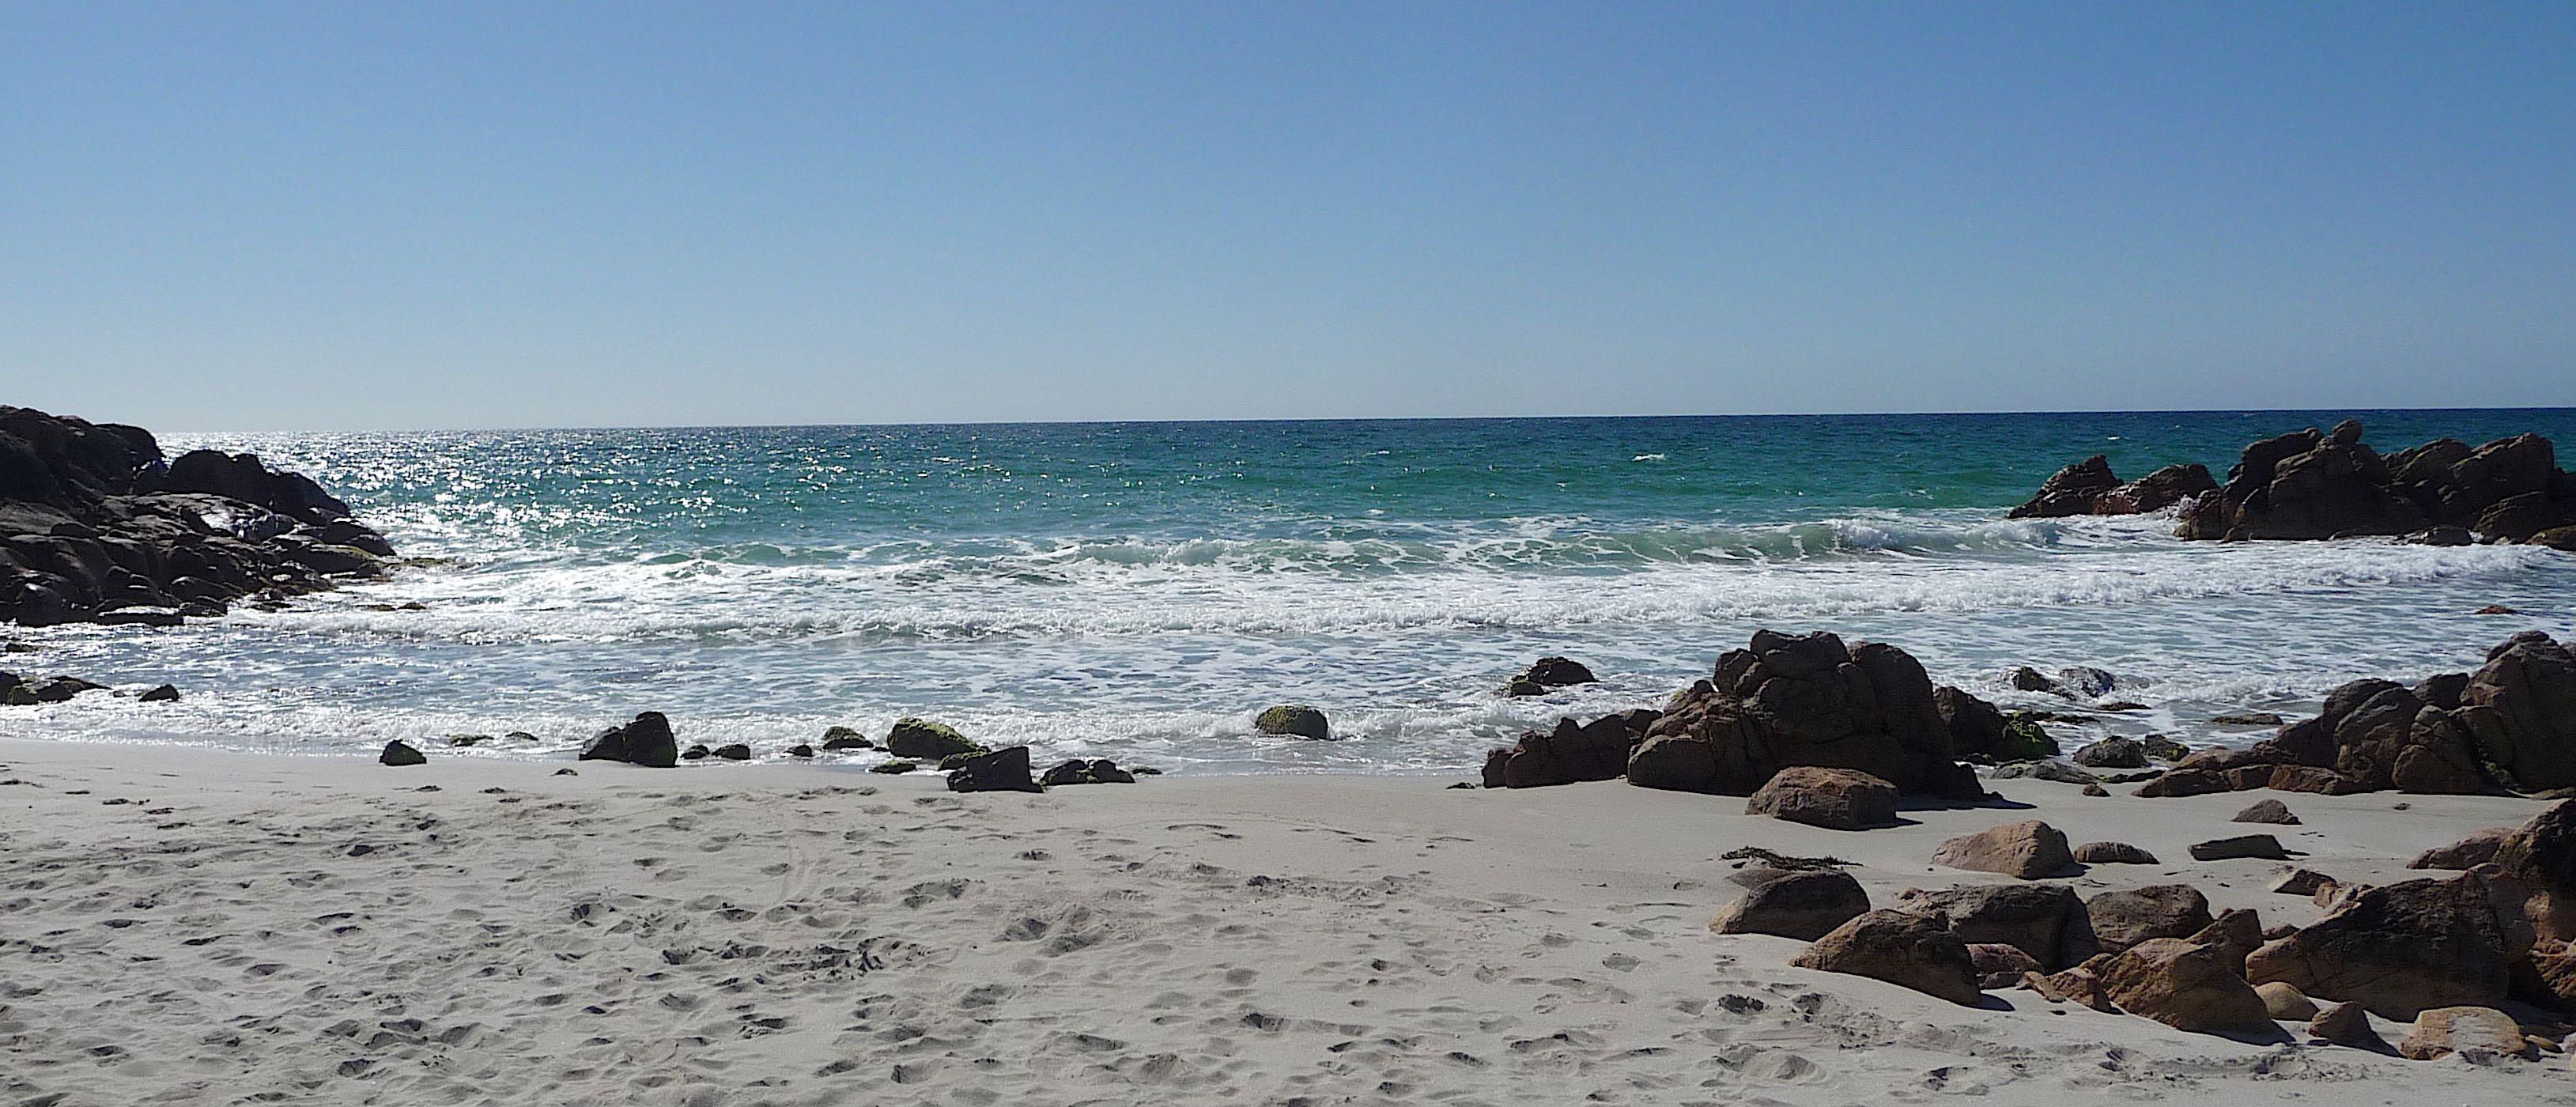 27.beach